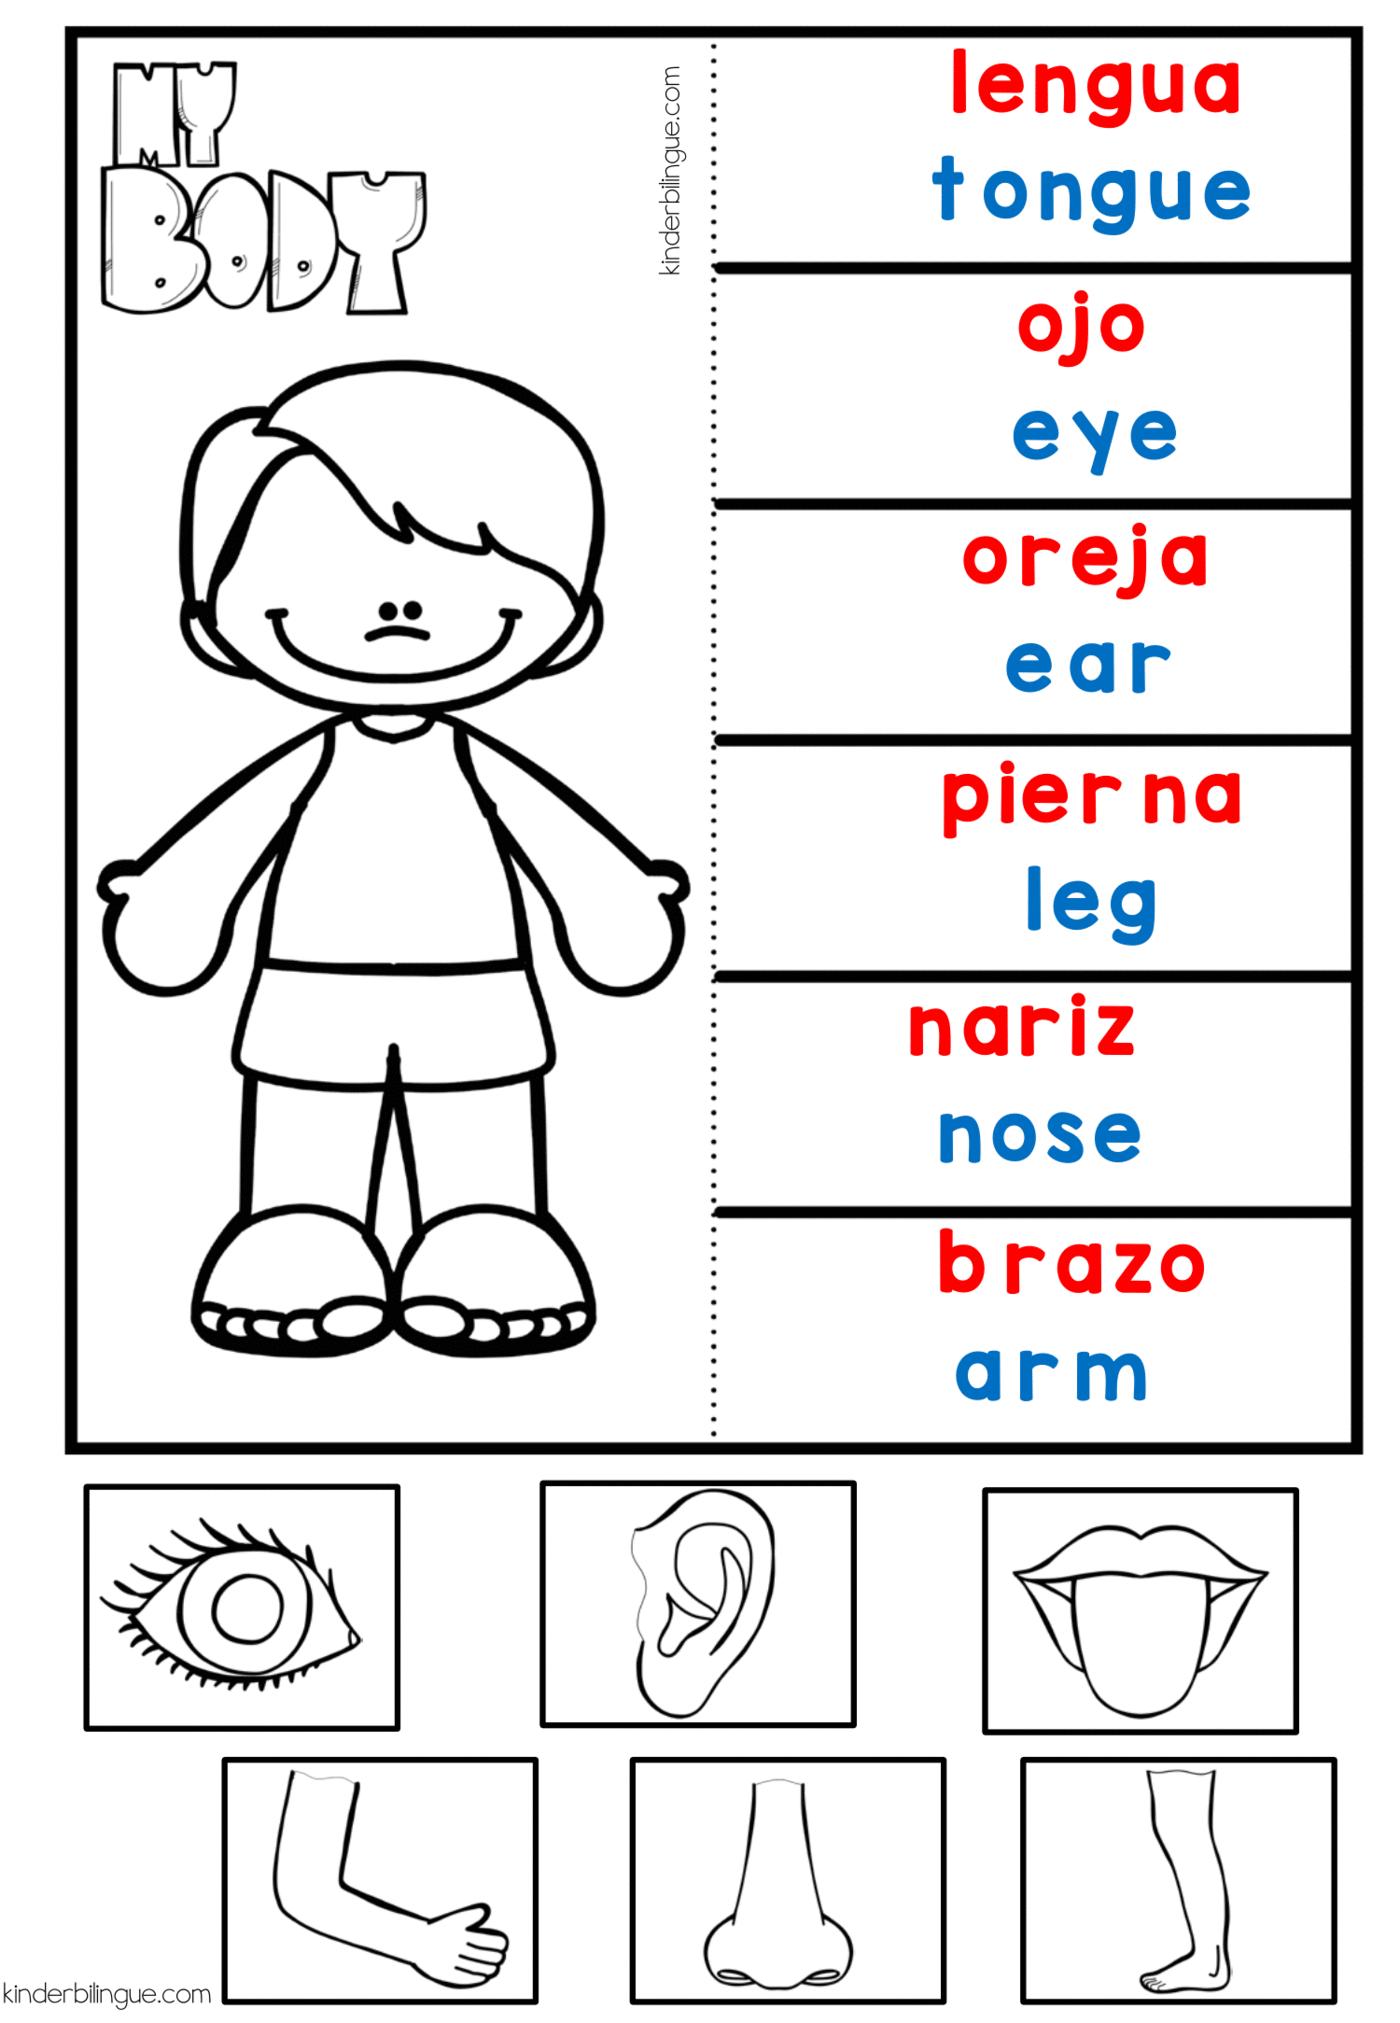 Frases Para Ir Al Doctor En Ingles Phrases In Spanish To